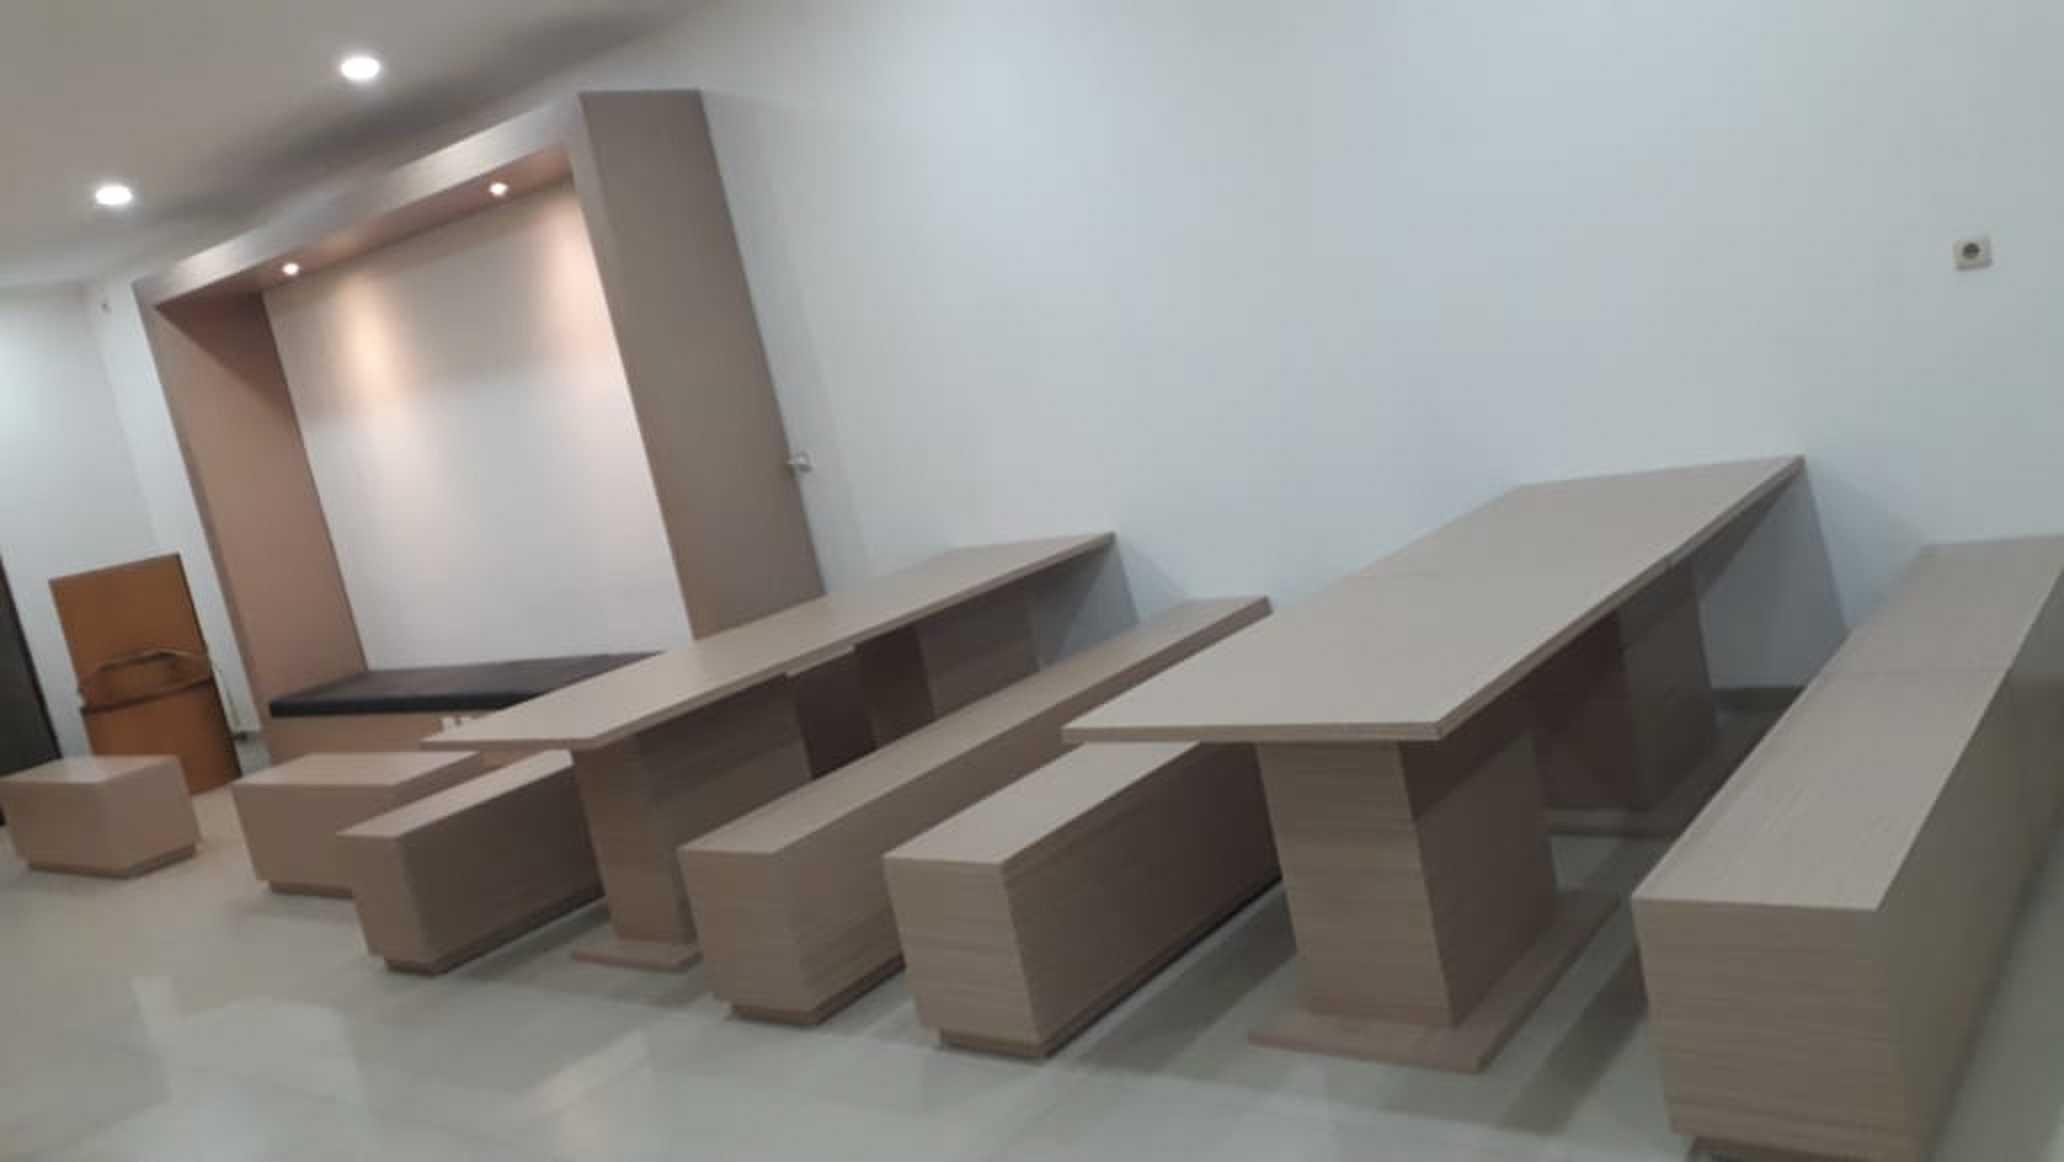 Megadesain Interior Design And Build Interior Cafe - Sukabumi Sukabumi Regency, Jawa Barat, Indonesia Sukabumi Regency, Jawa Barat, Indonesia Megadesain-Interior-Design-And-Build-Interior-Cafe-Sukabumi   129621